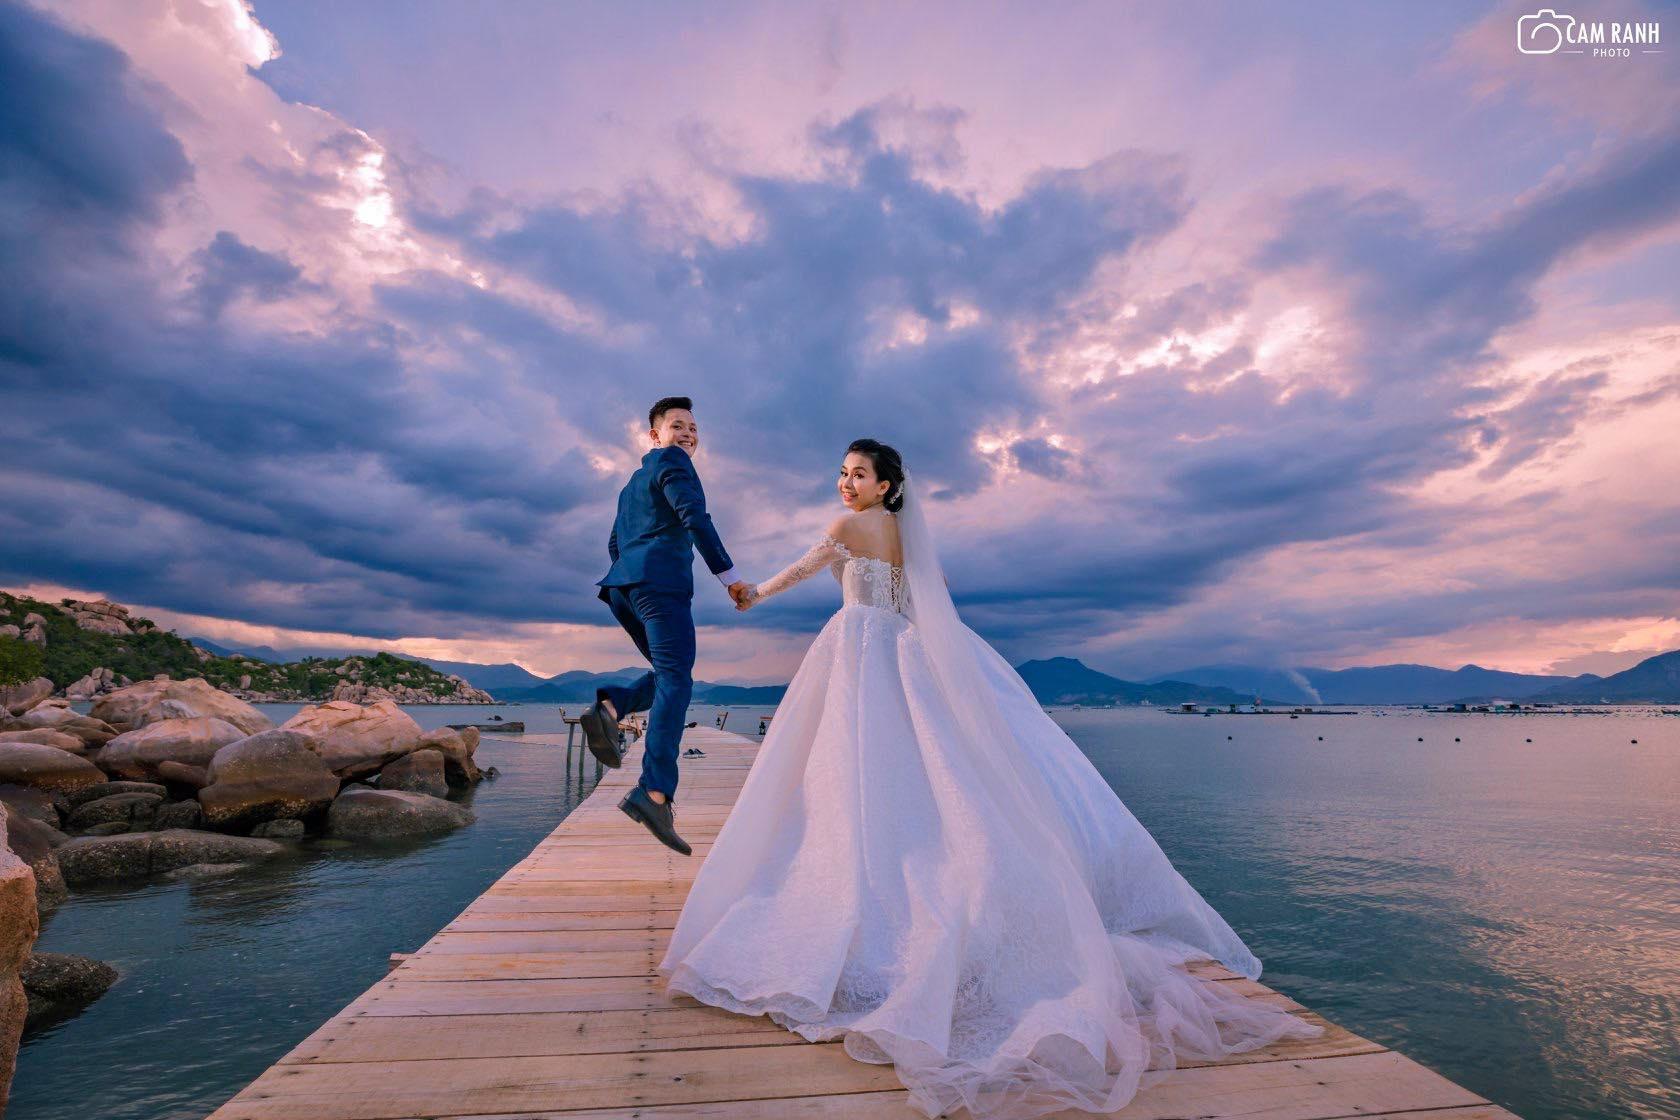 Xếp hạng 6 Studio chụp ảnh cưới đẹp và chất lượng nhất TP. Cam Ranh, Khánh Hòa - Cam Ranh Studio